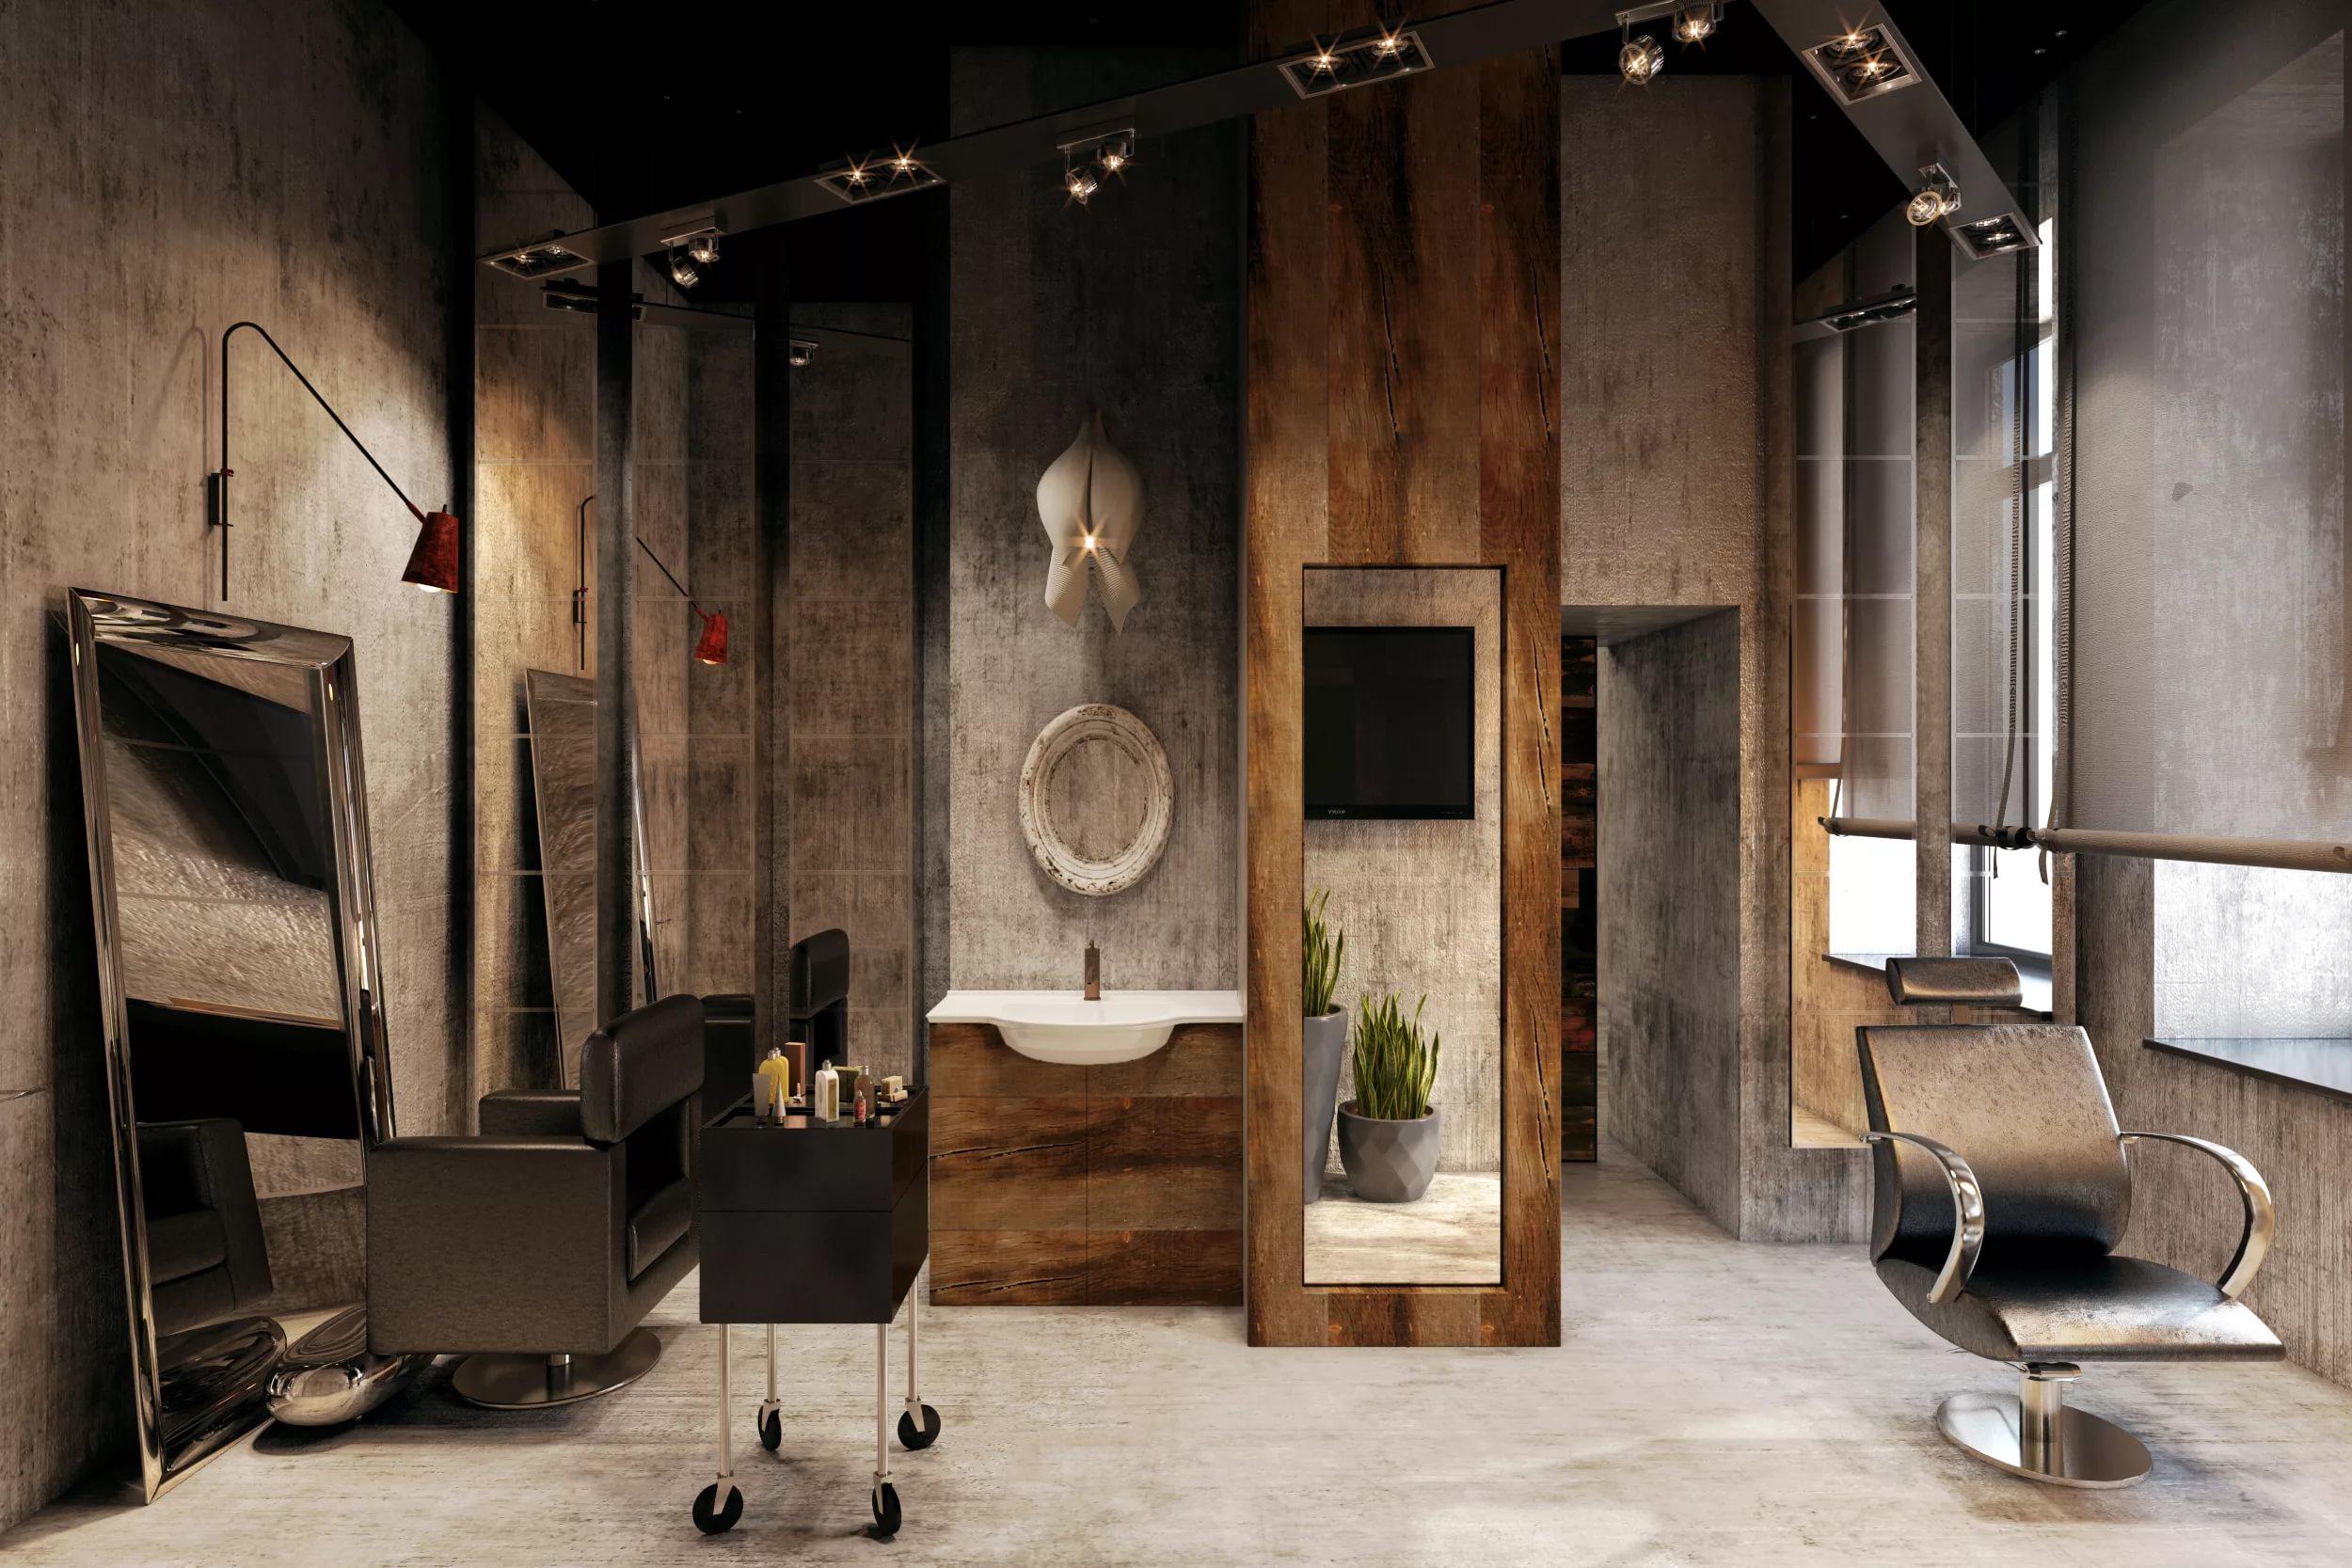 Полы в интерьере мухского салона красоты в стиле лофт